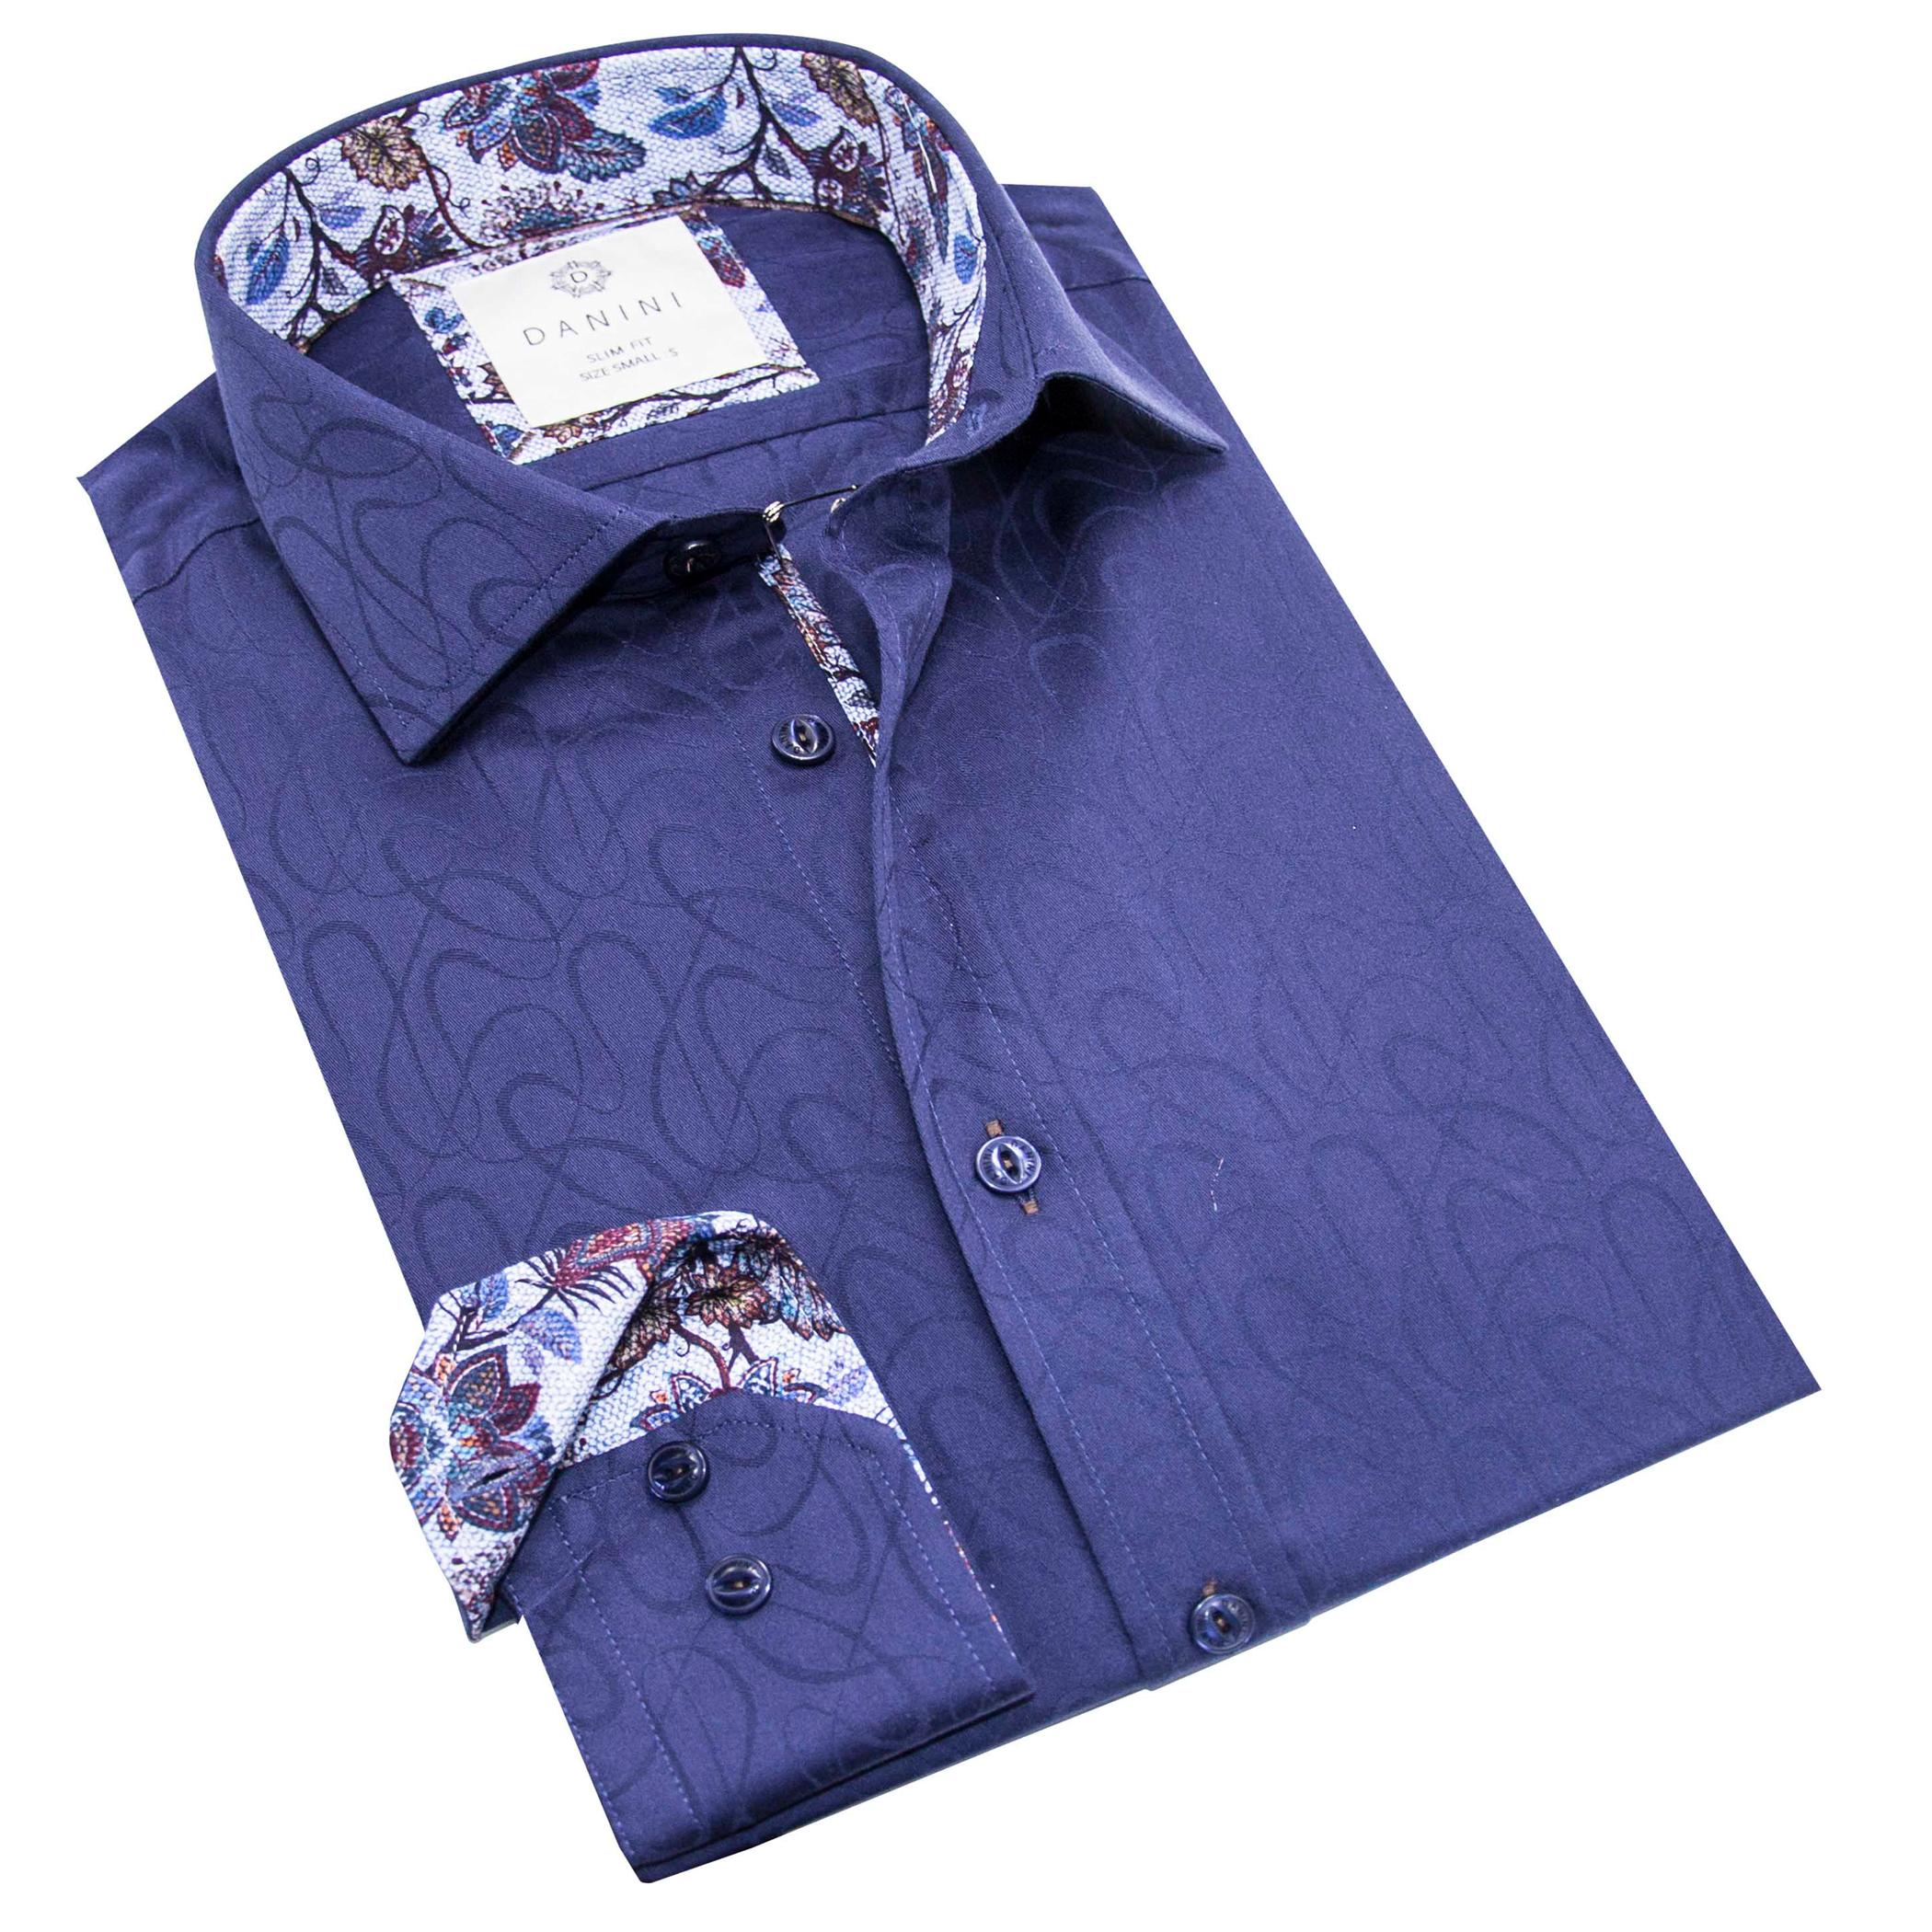 Dynamic Dark Blue with Stylish Collar Shirt - Long Sleeve Shirts Canada-Danini